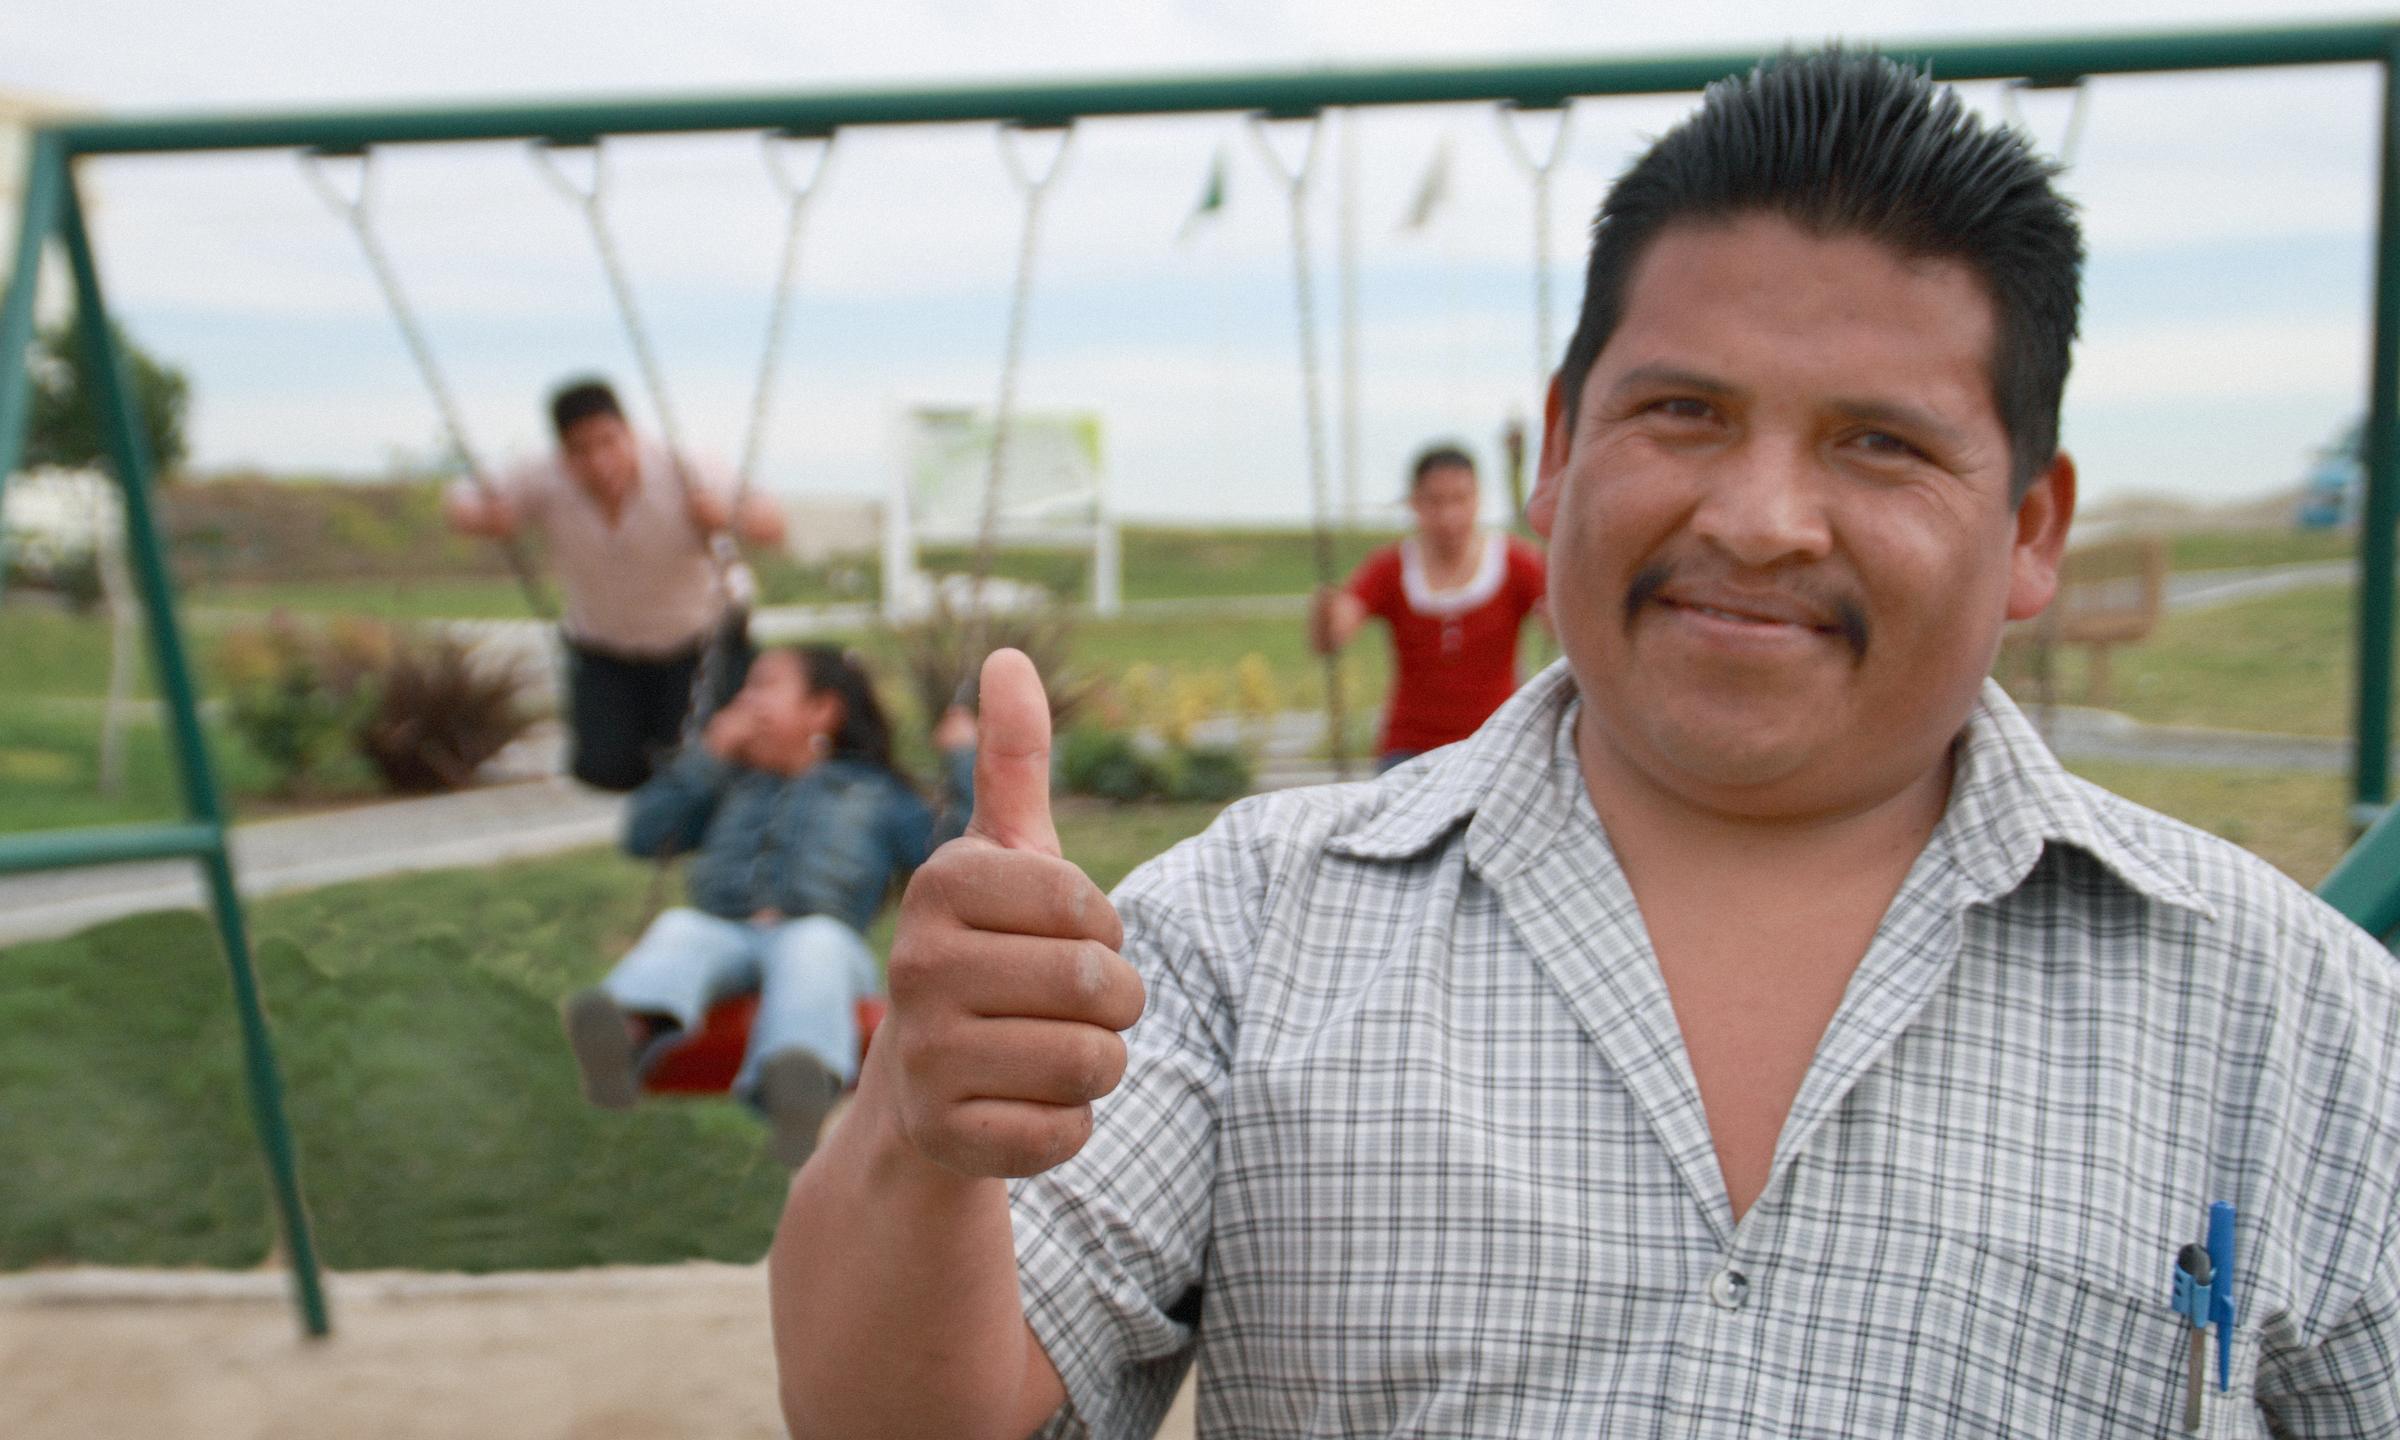 Genaro L. conviviendo con sus hijos en el parque de UrbiVilla del Roble